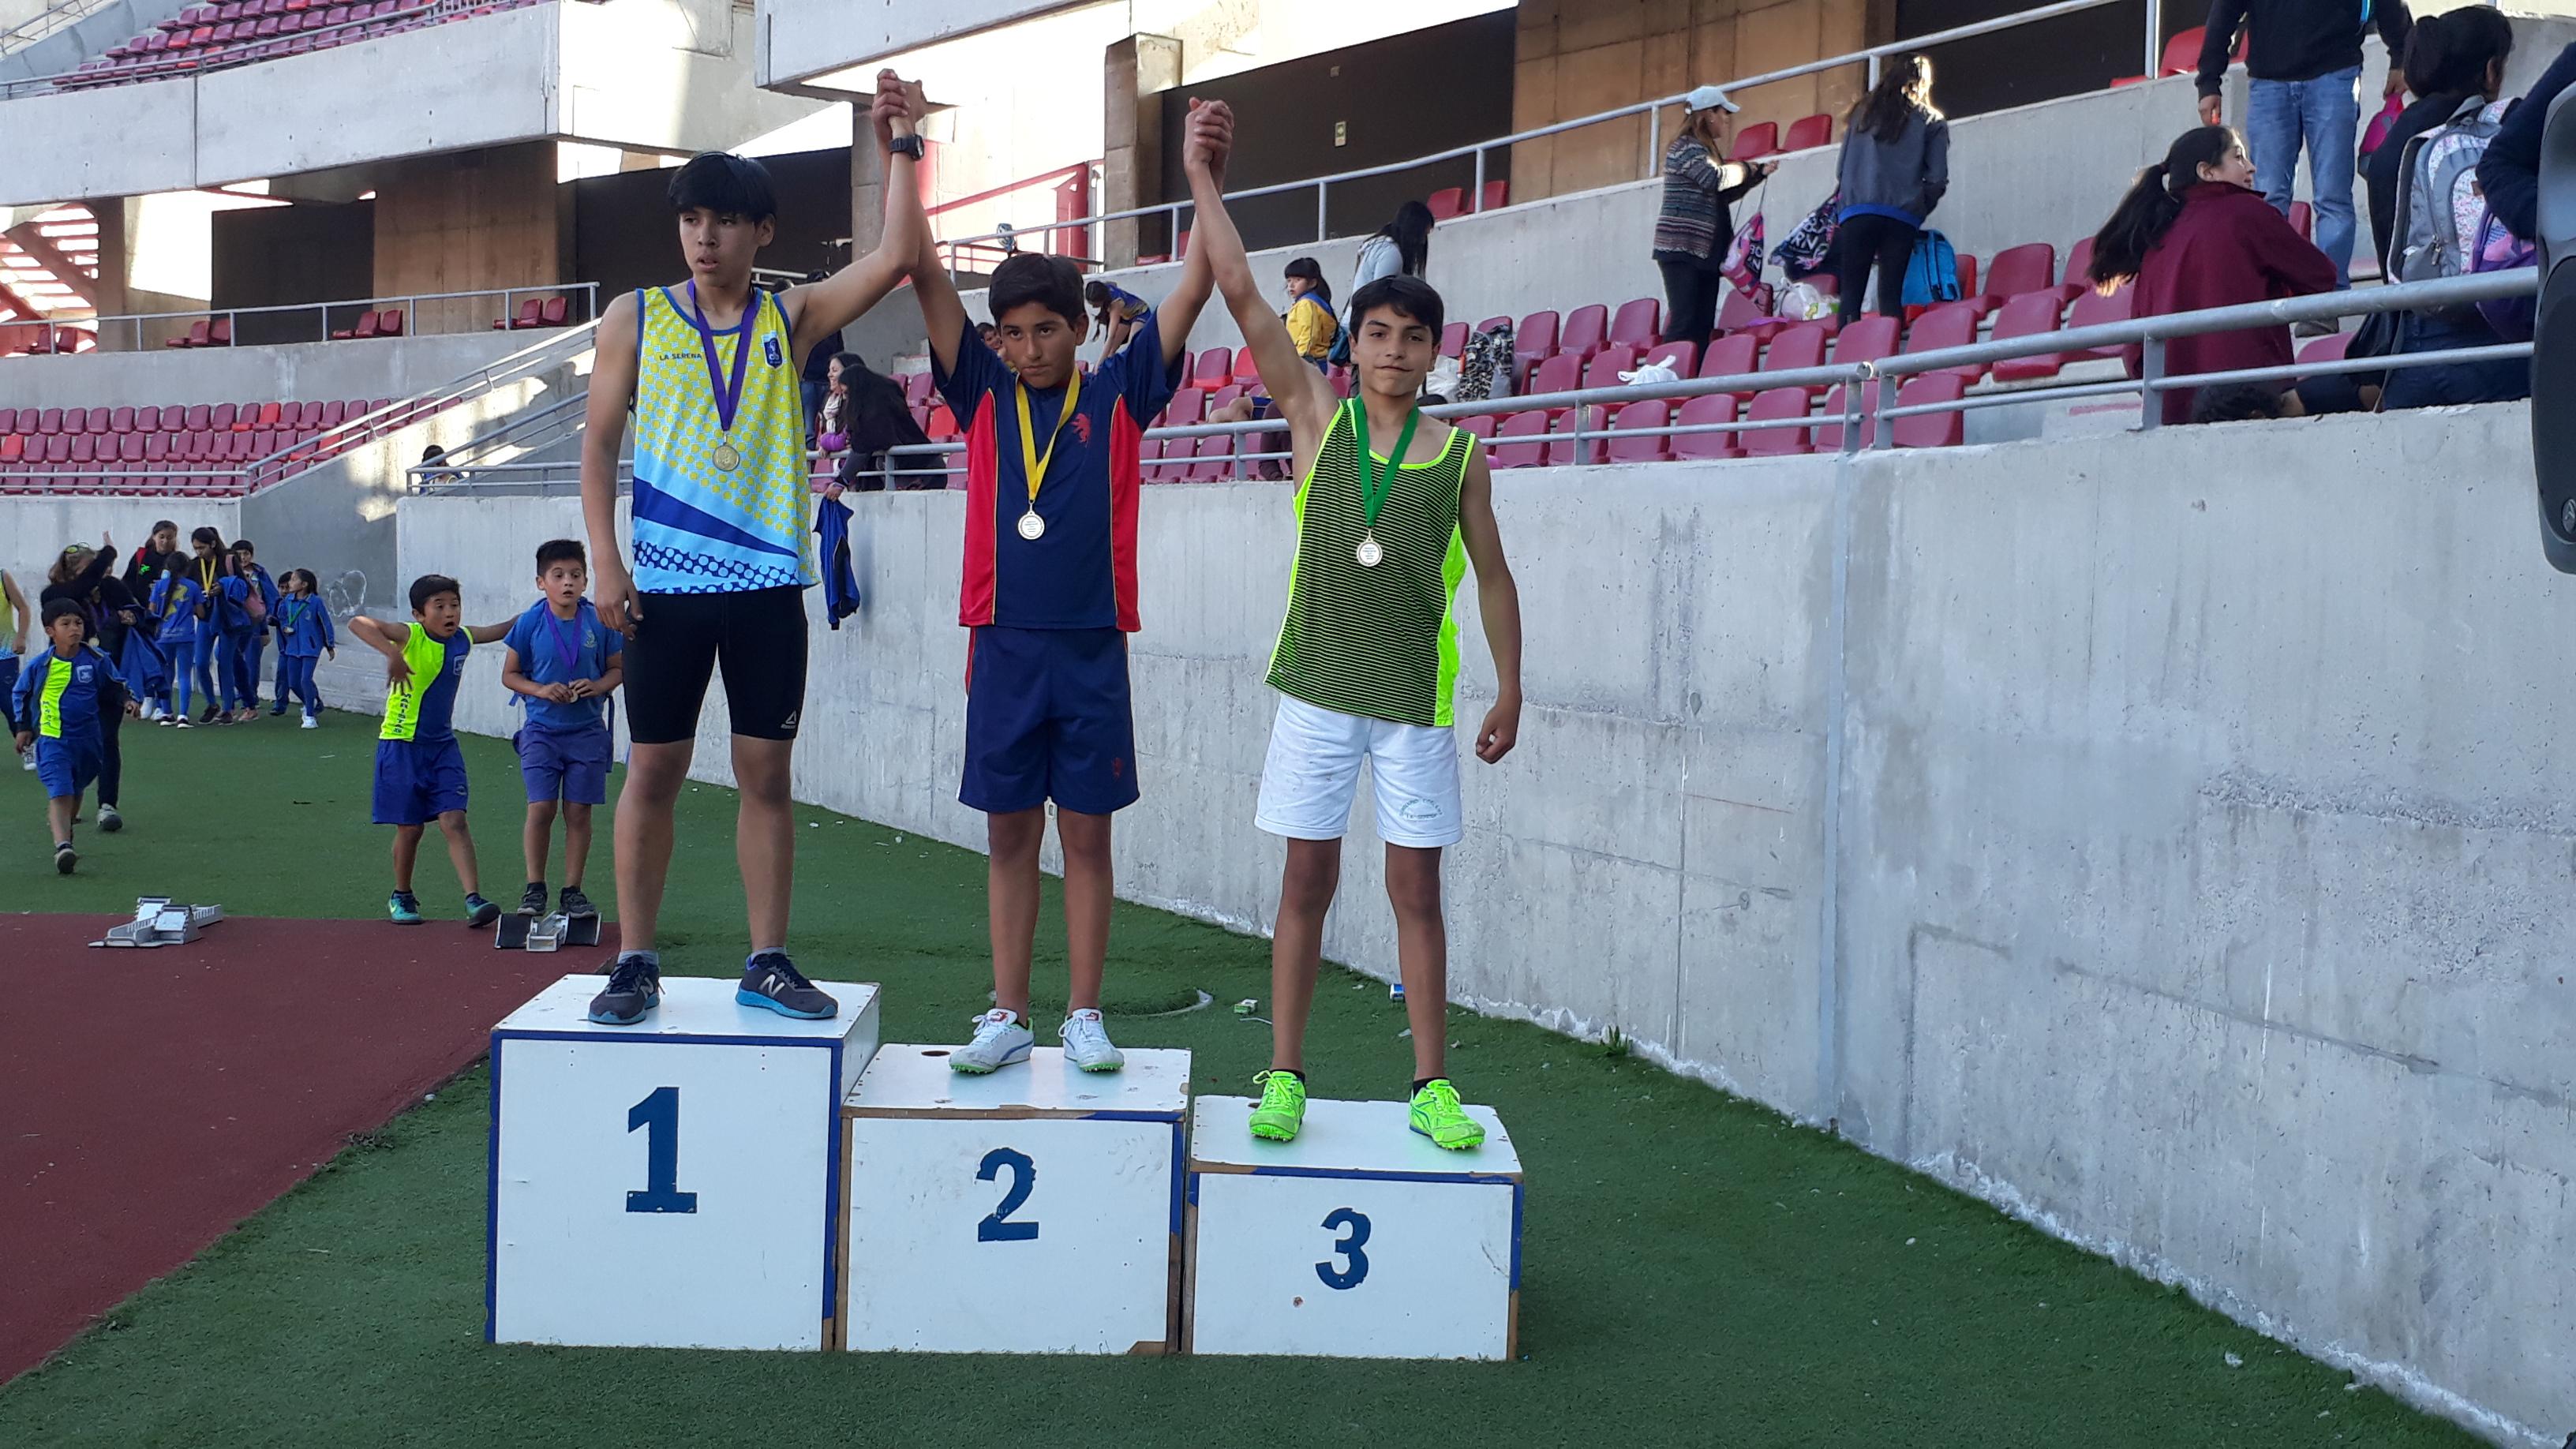 Colegio destaca en Campeonato Copa Colegio Inglés